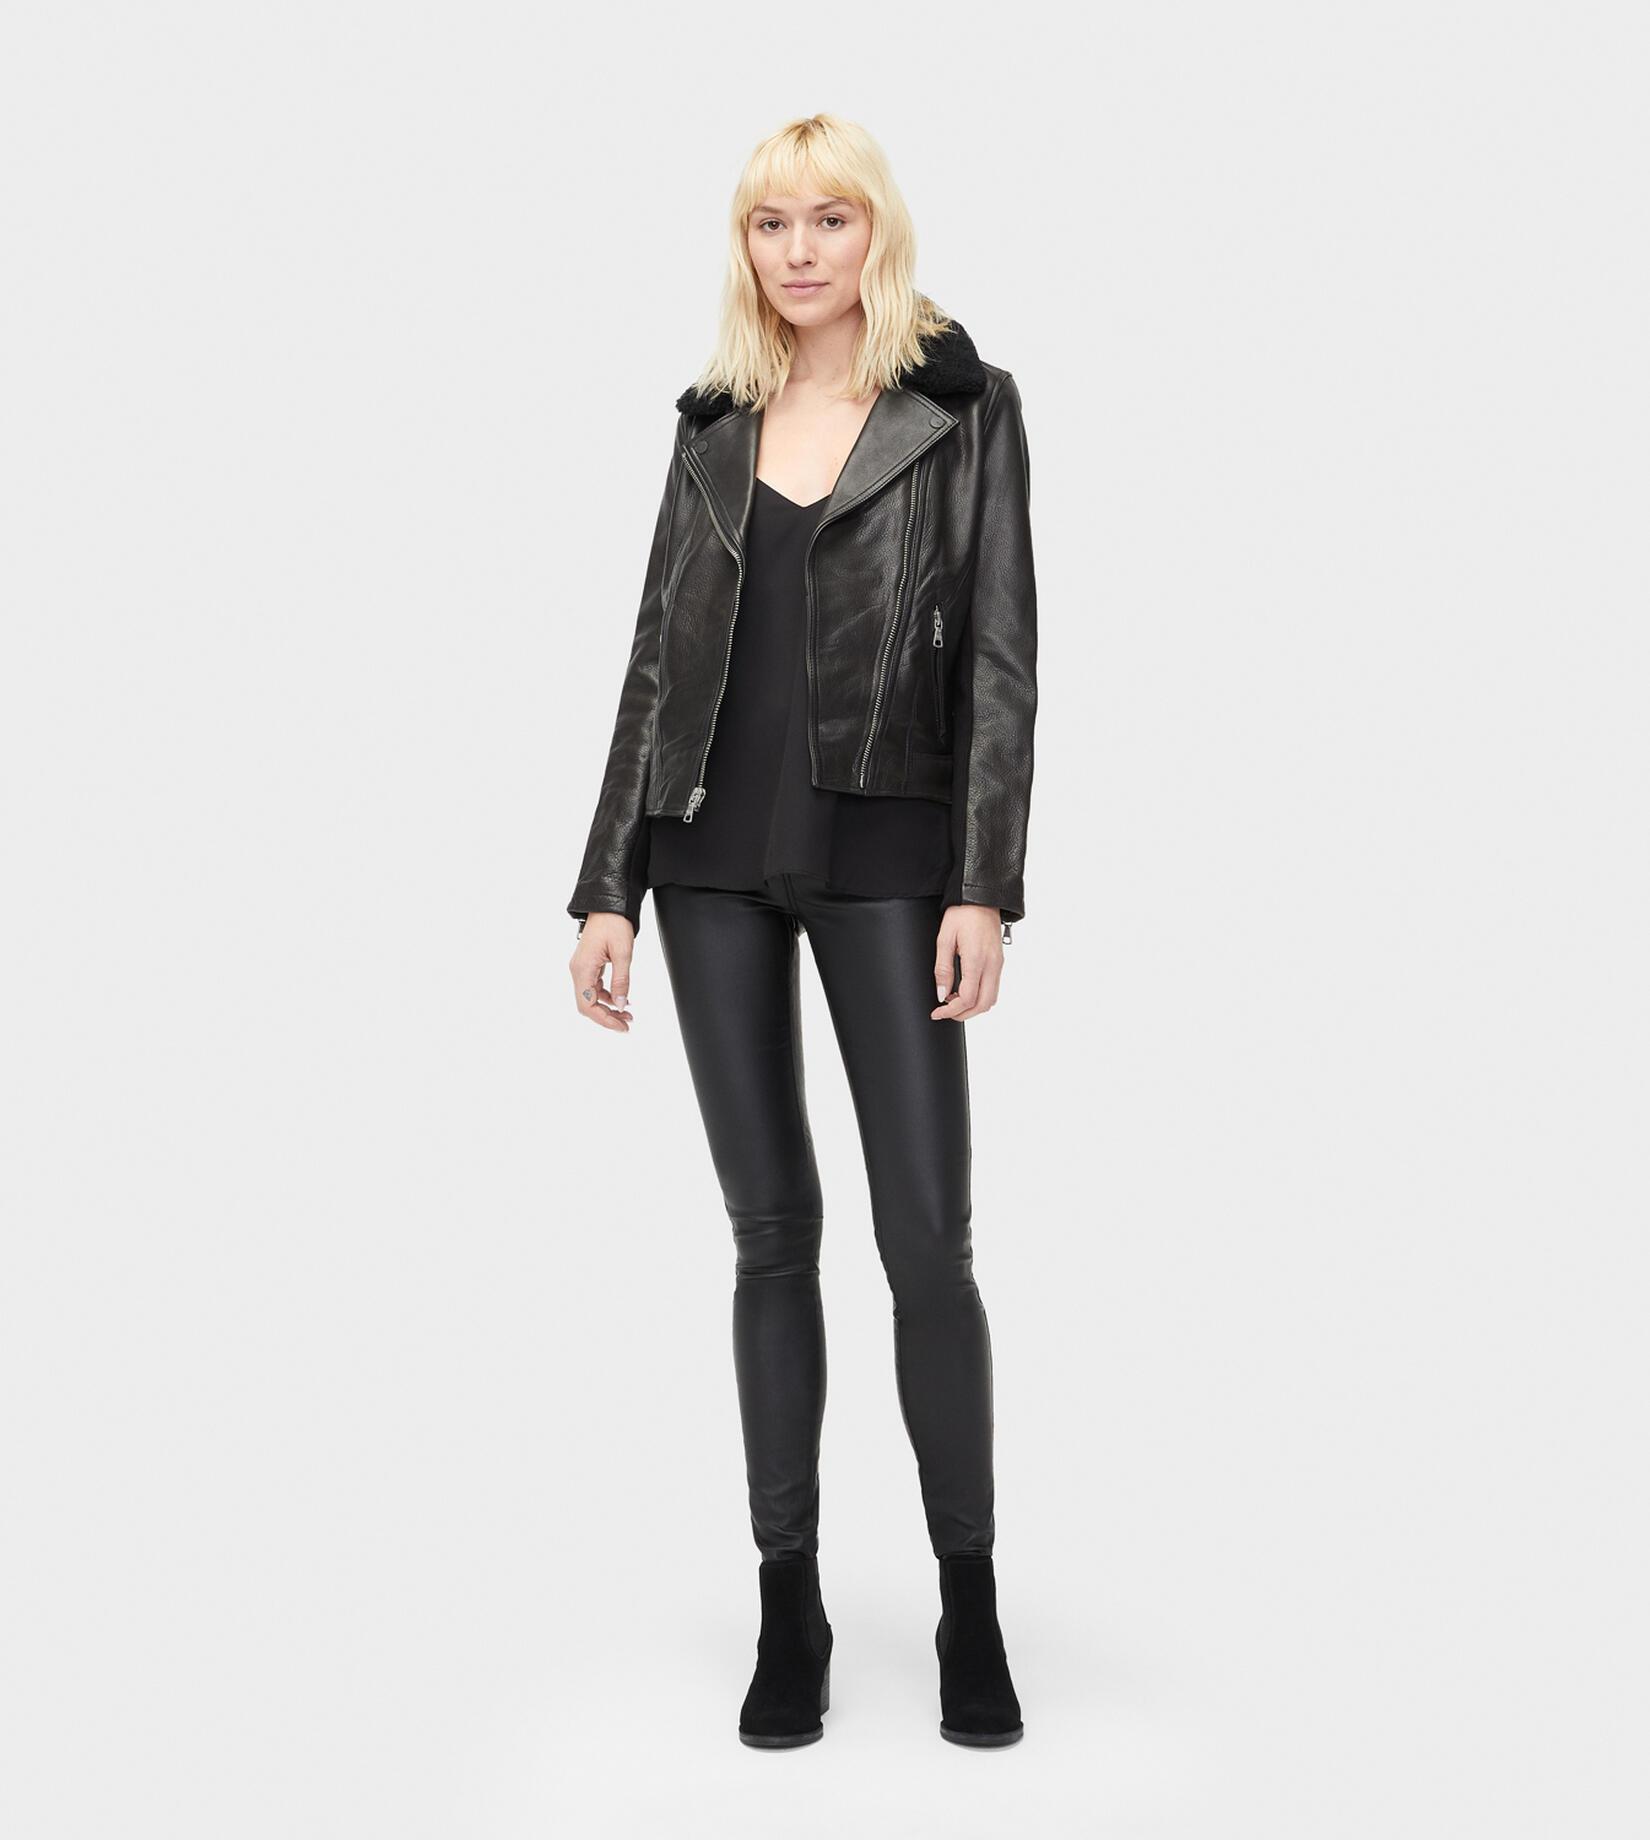 Andee Leather Cycle Jacket